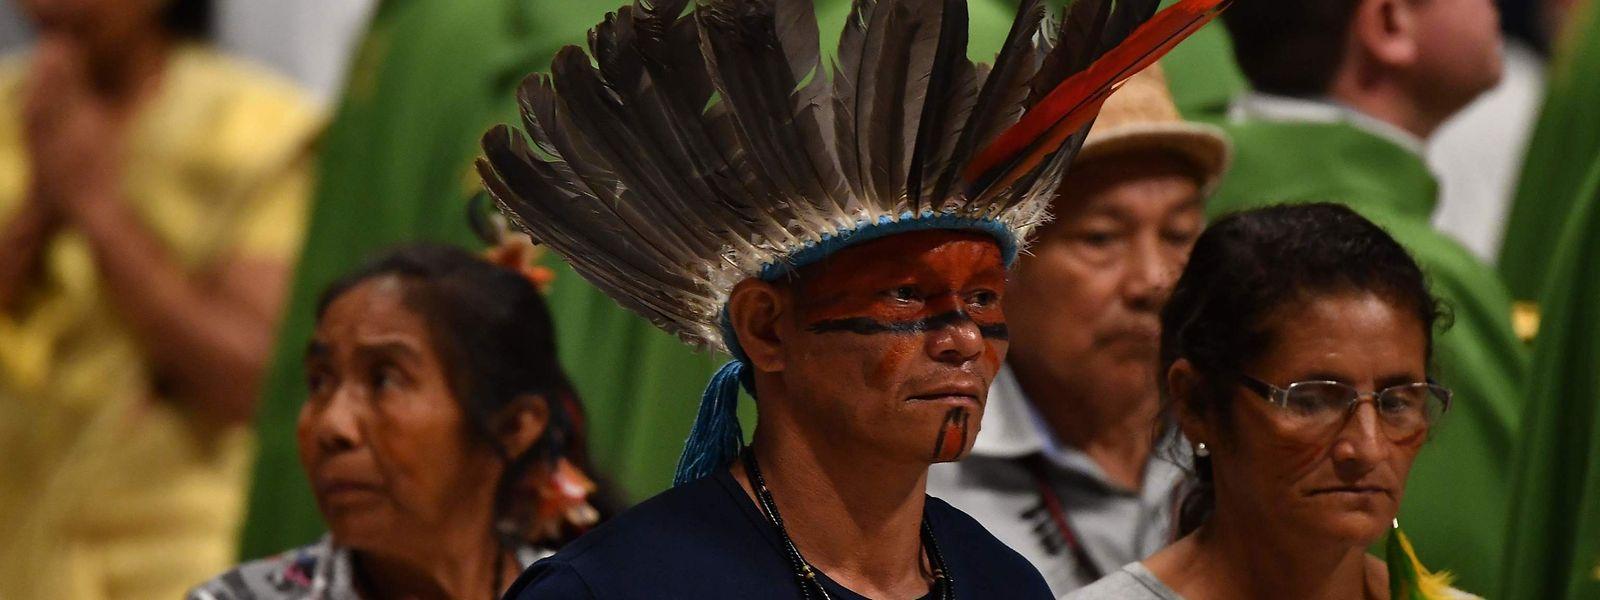 Ein Vertreter der Indigenen Bevölkerung Amazoniens.